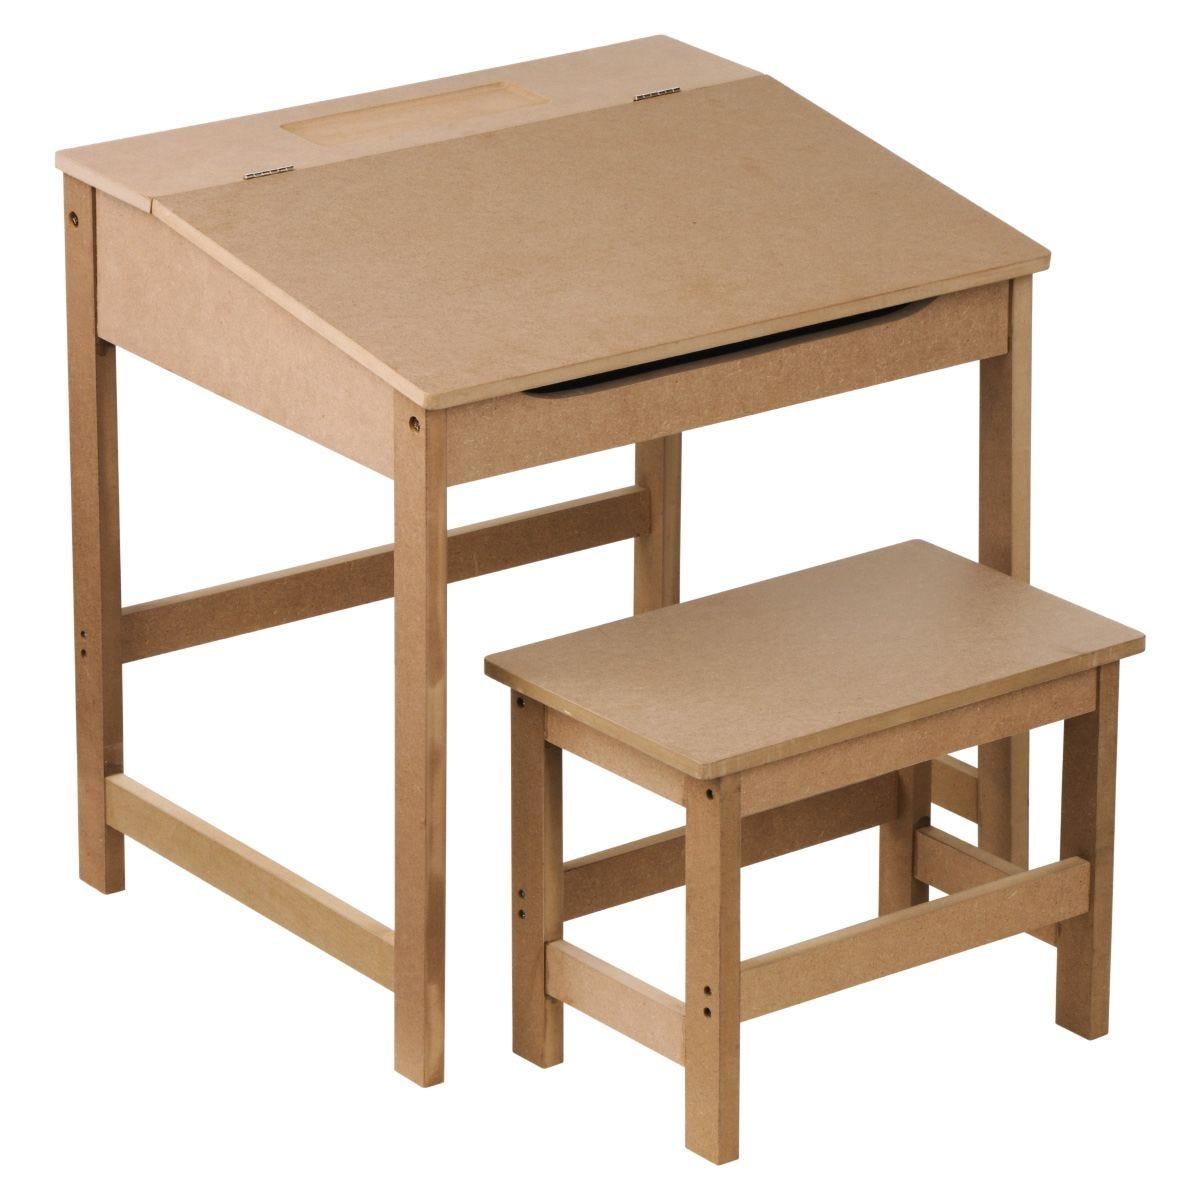 Kids Desk & Stool - Natural